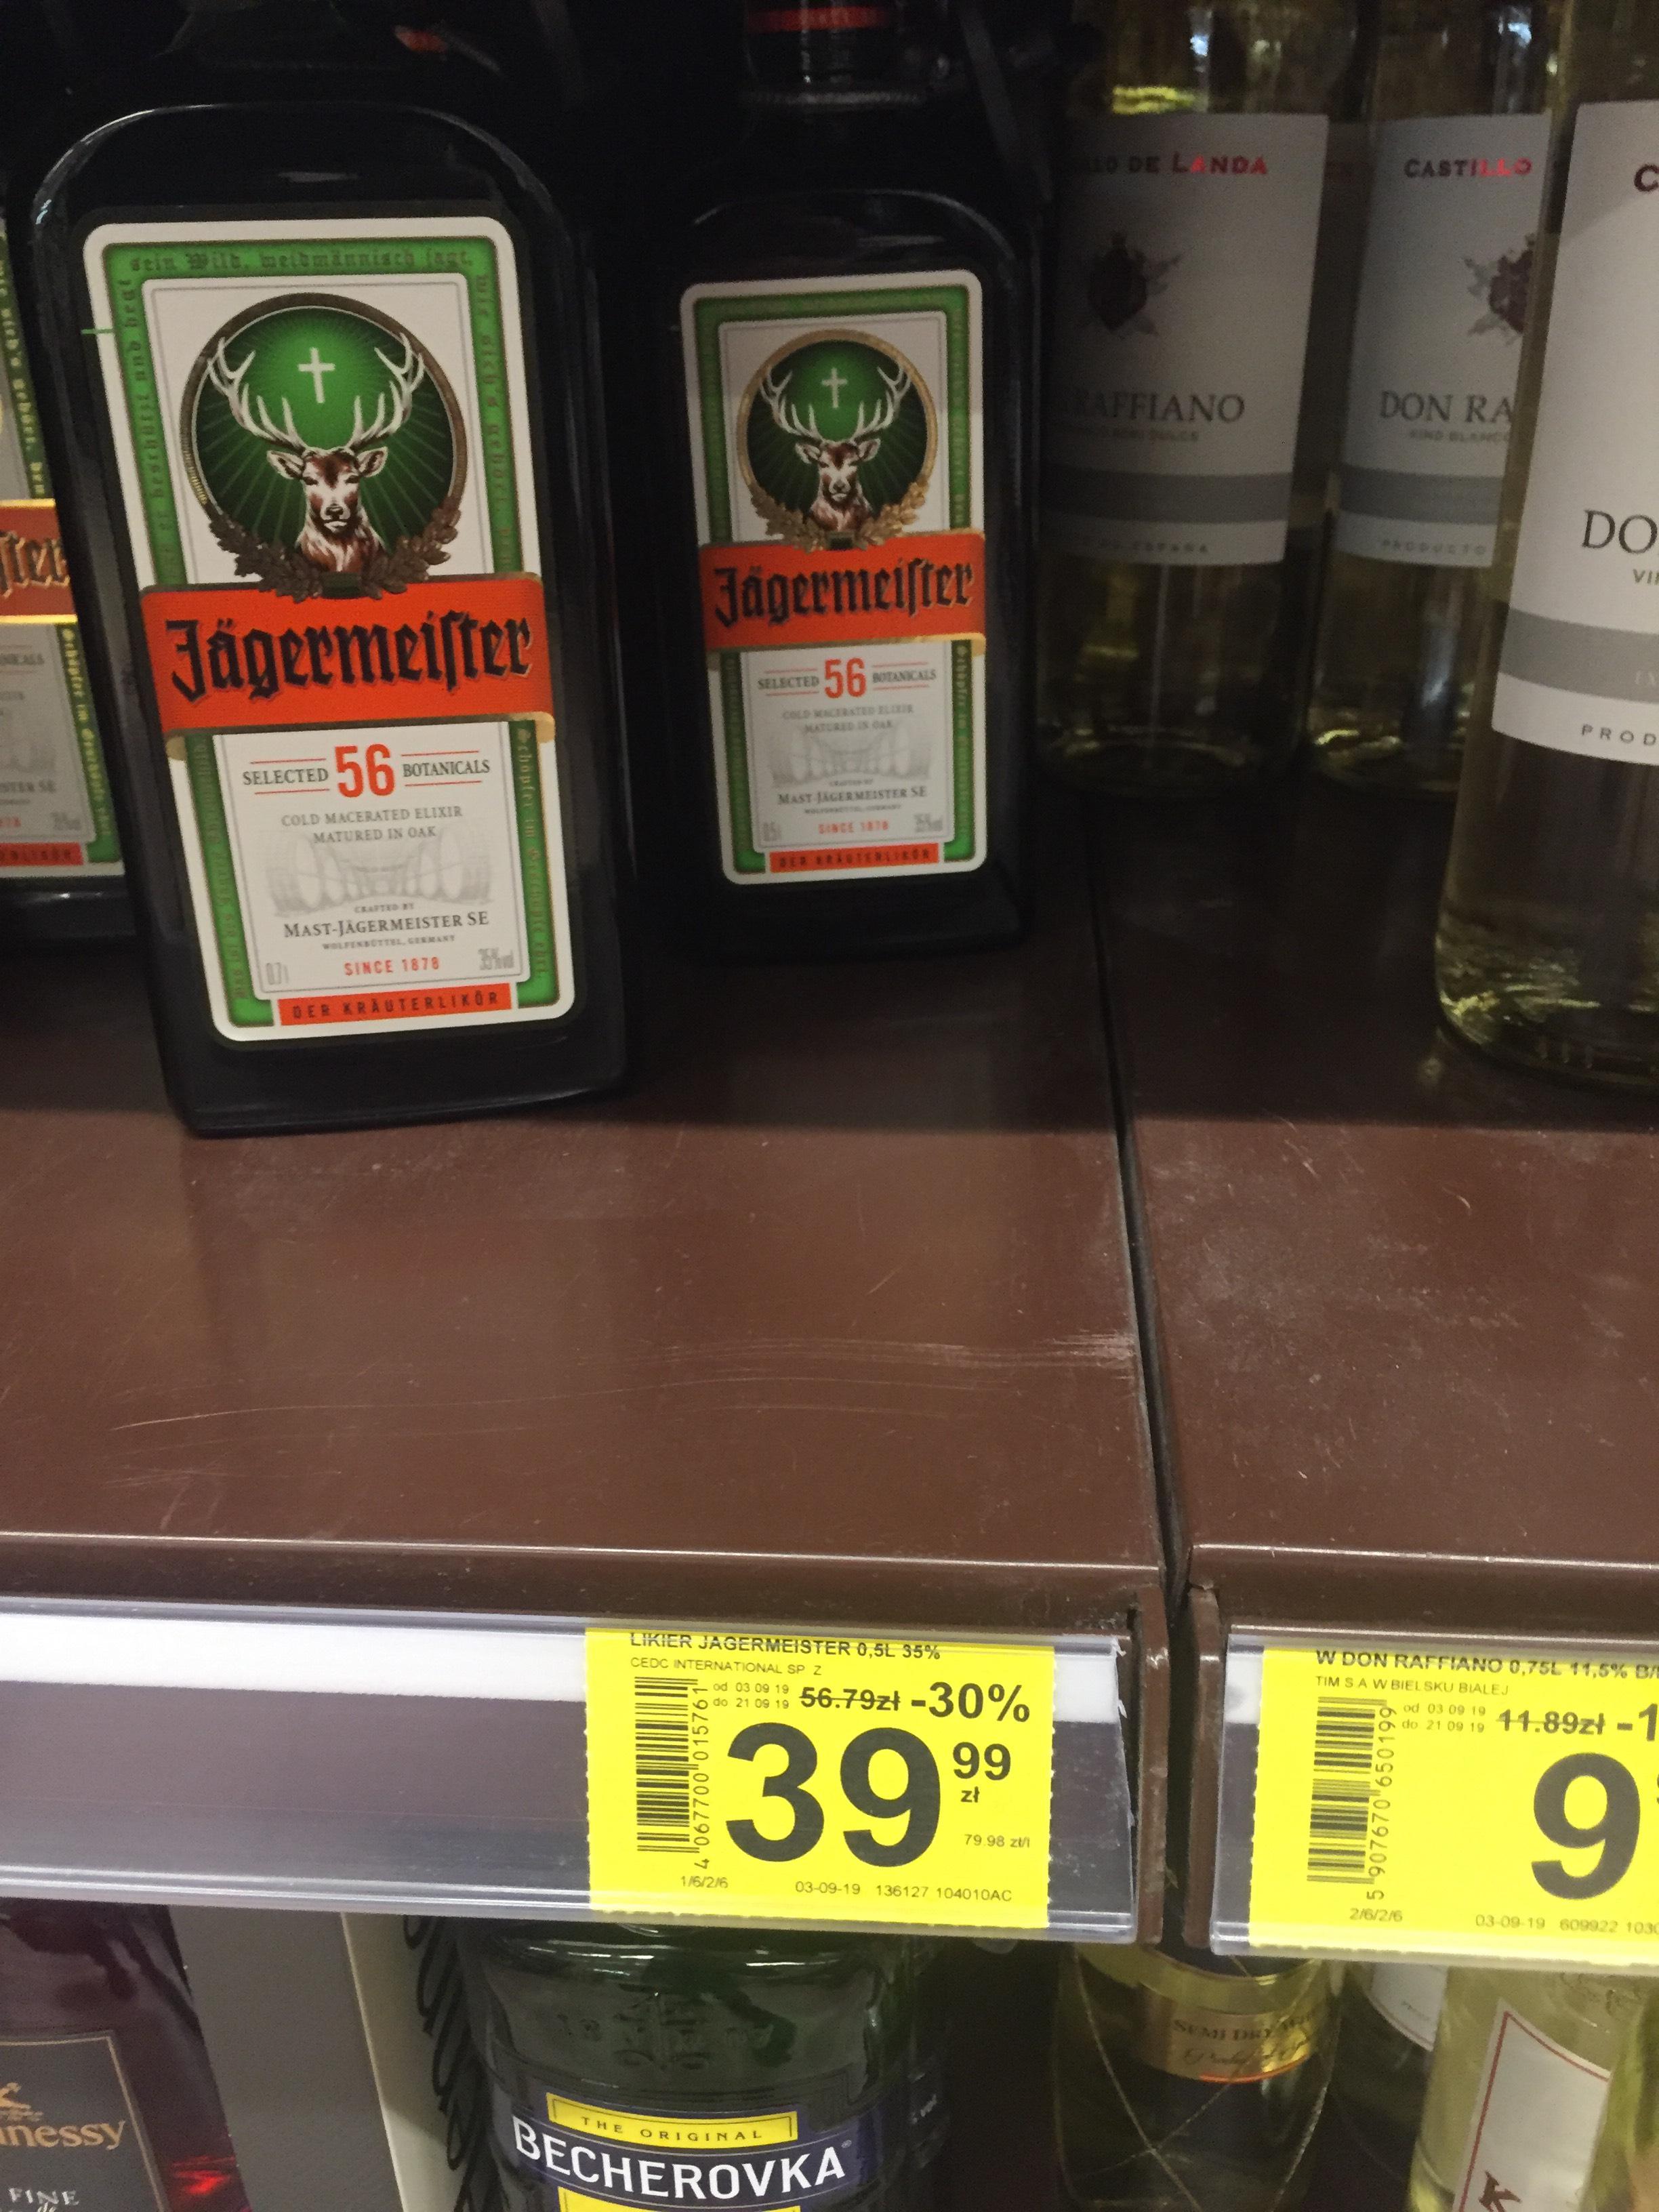 Jagermeister Likier 0 5l Carrefour Market Pepper Pl